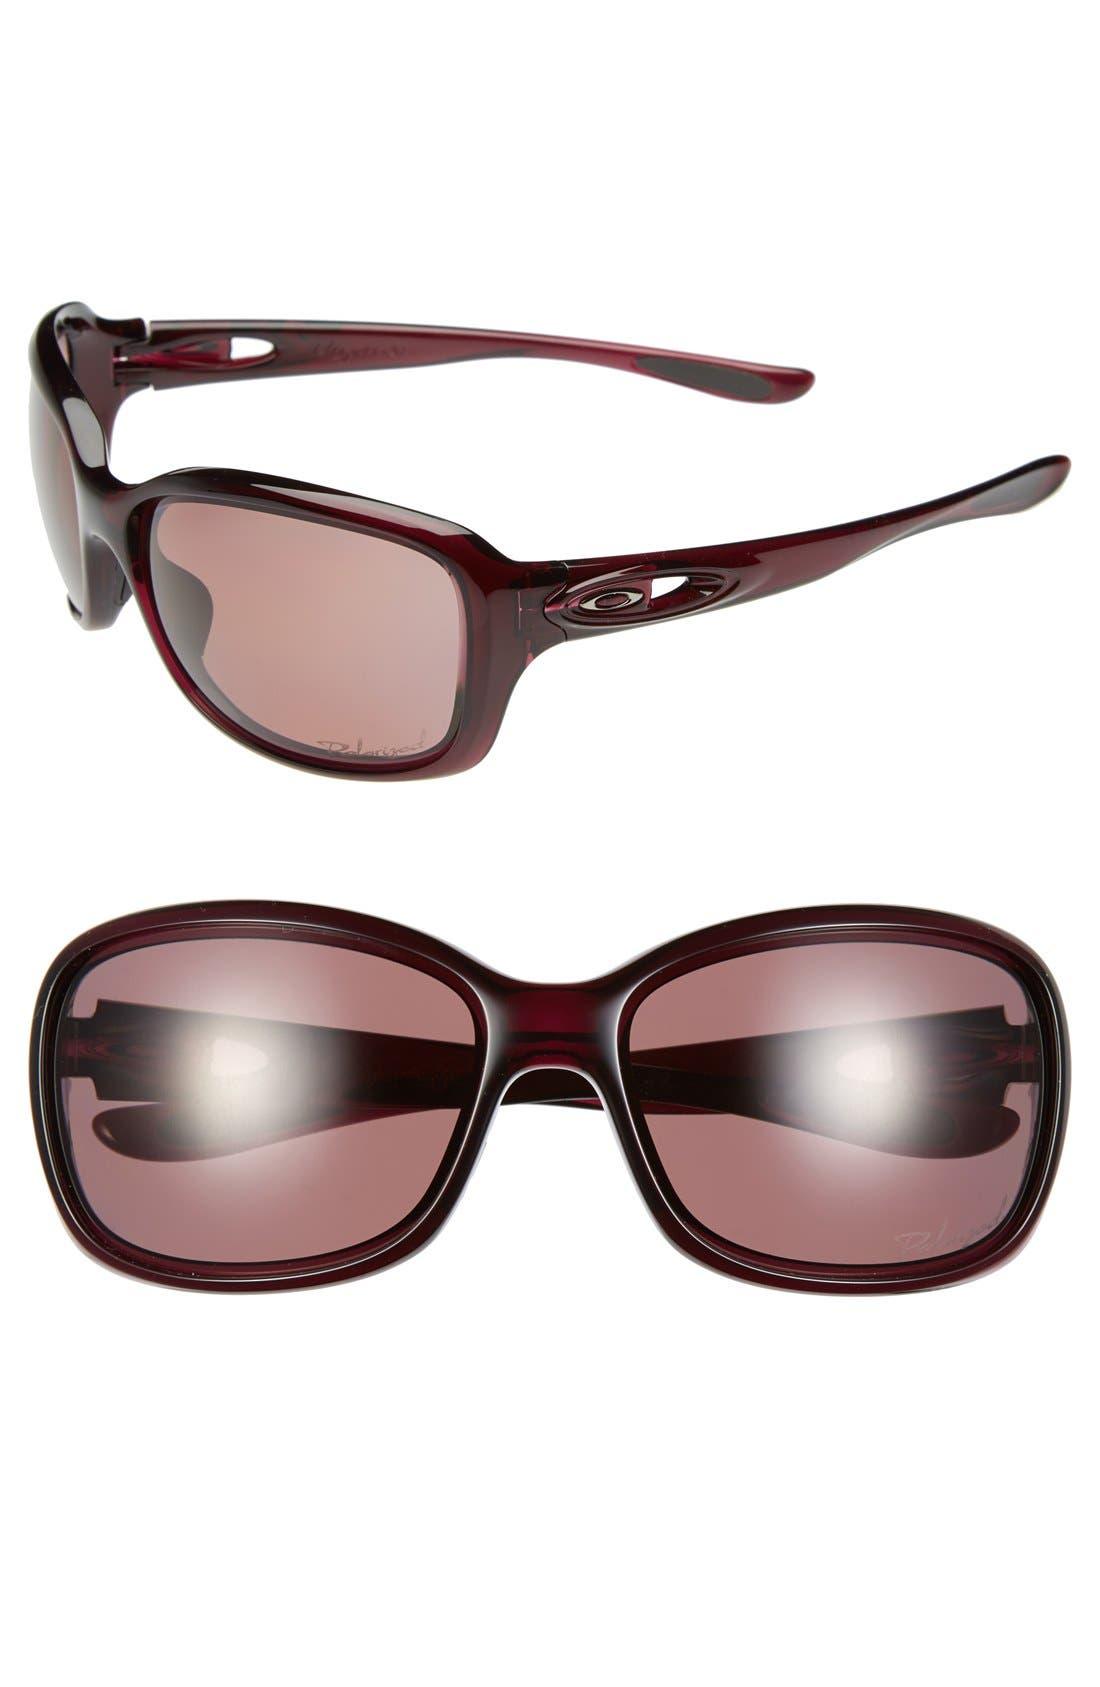 Alternate Image 1 Selected - Oakley 'Urgency' 61mm Polarized Sunglasses